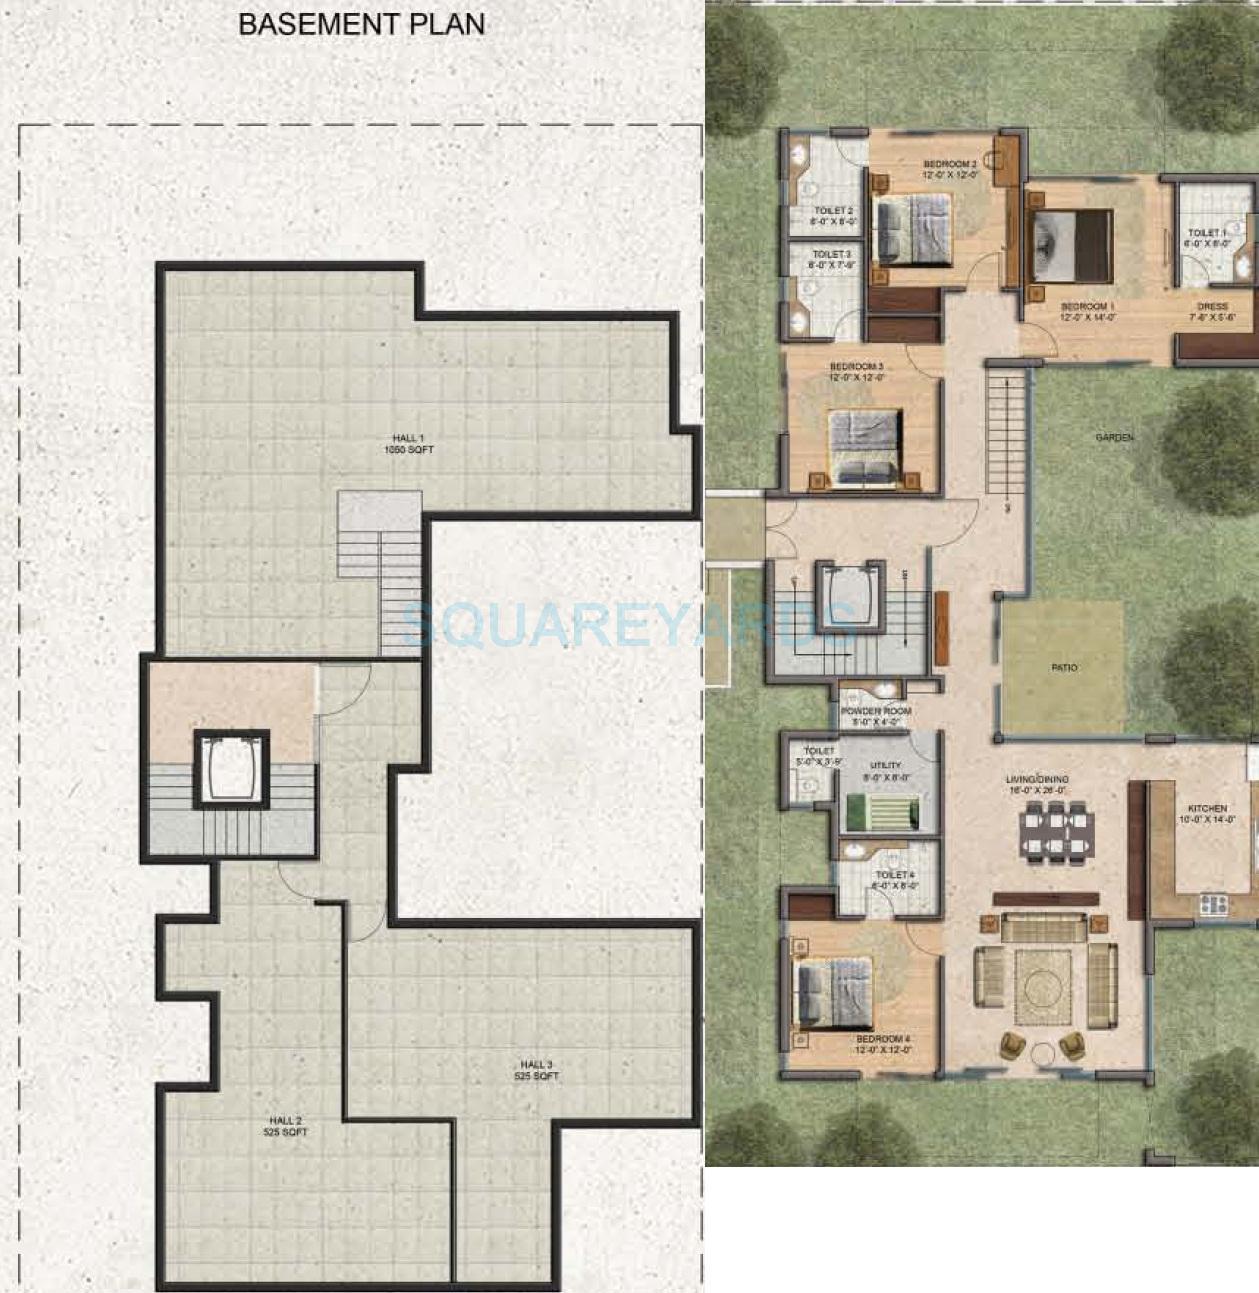 bptp amstoria country floor builder floor 4bhk gfbasement 5709sqft 1